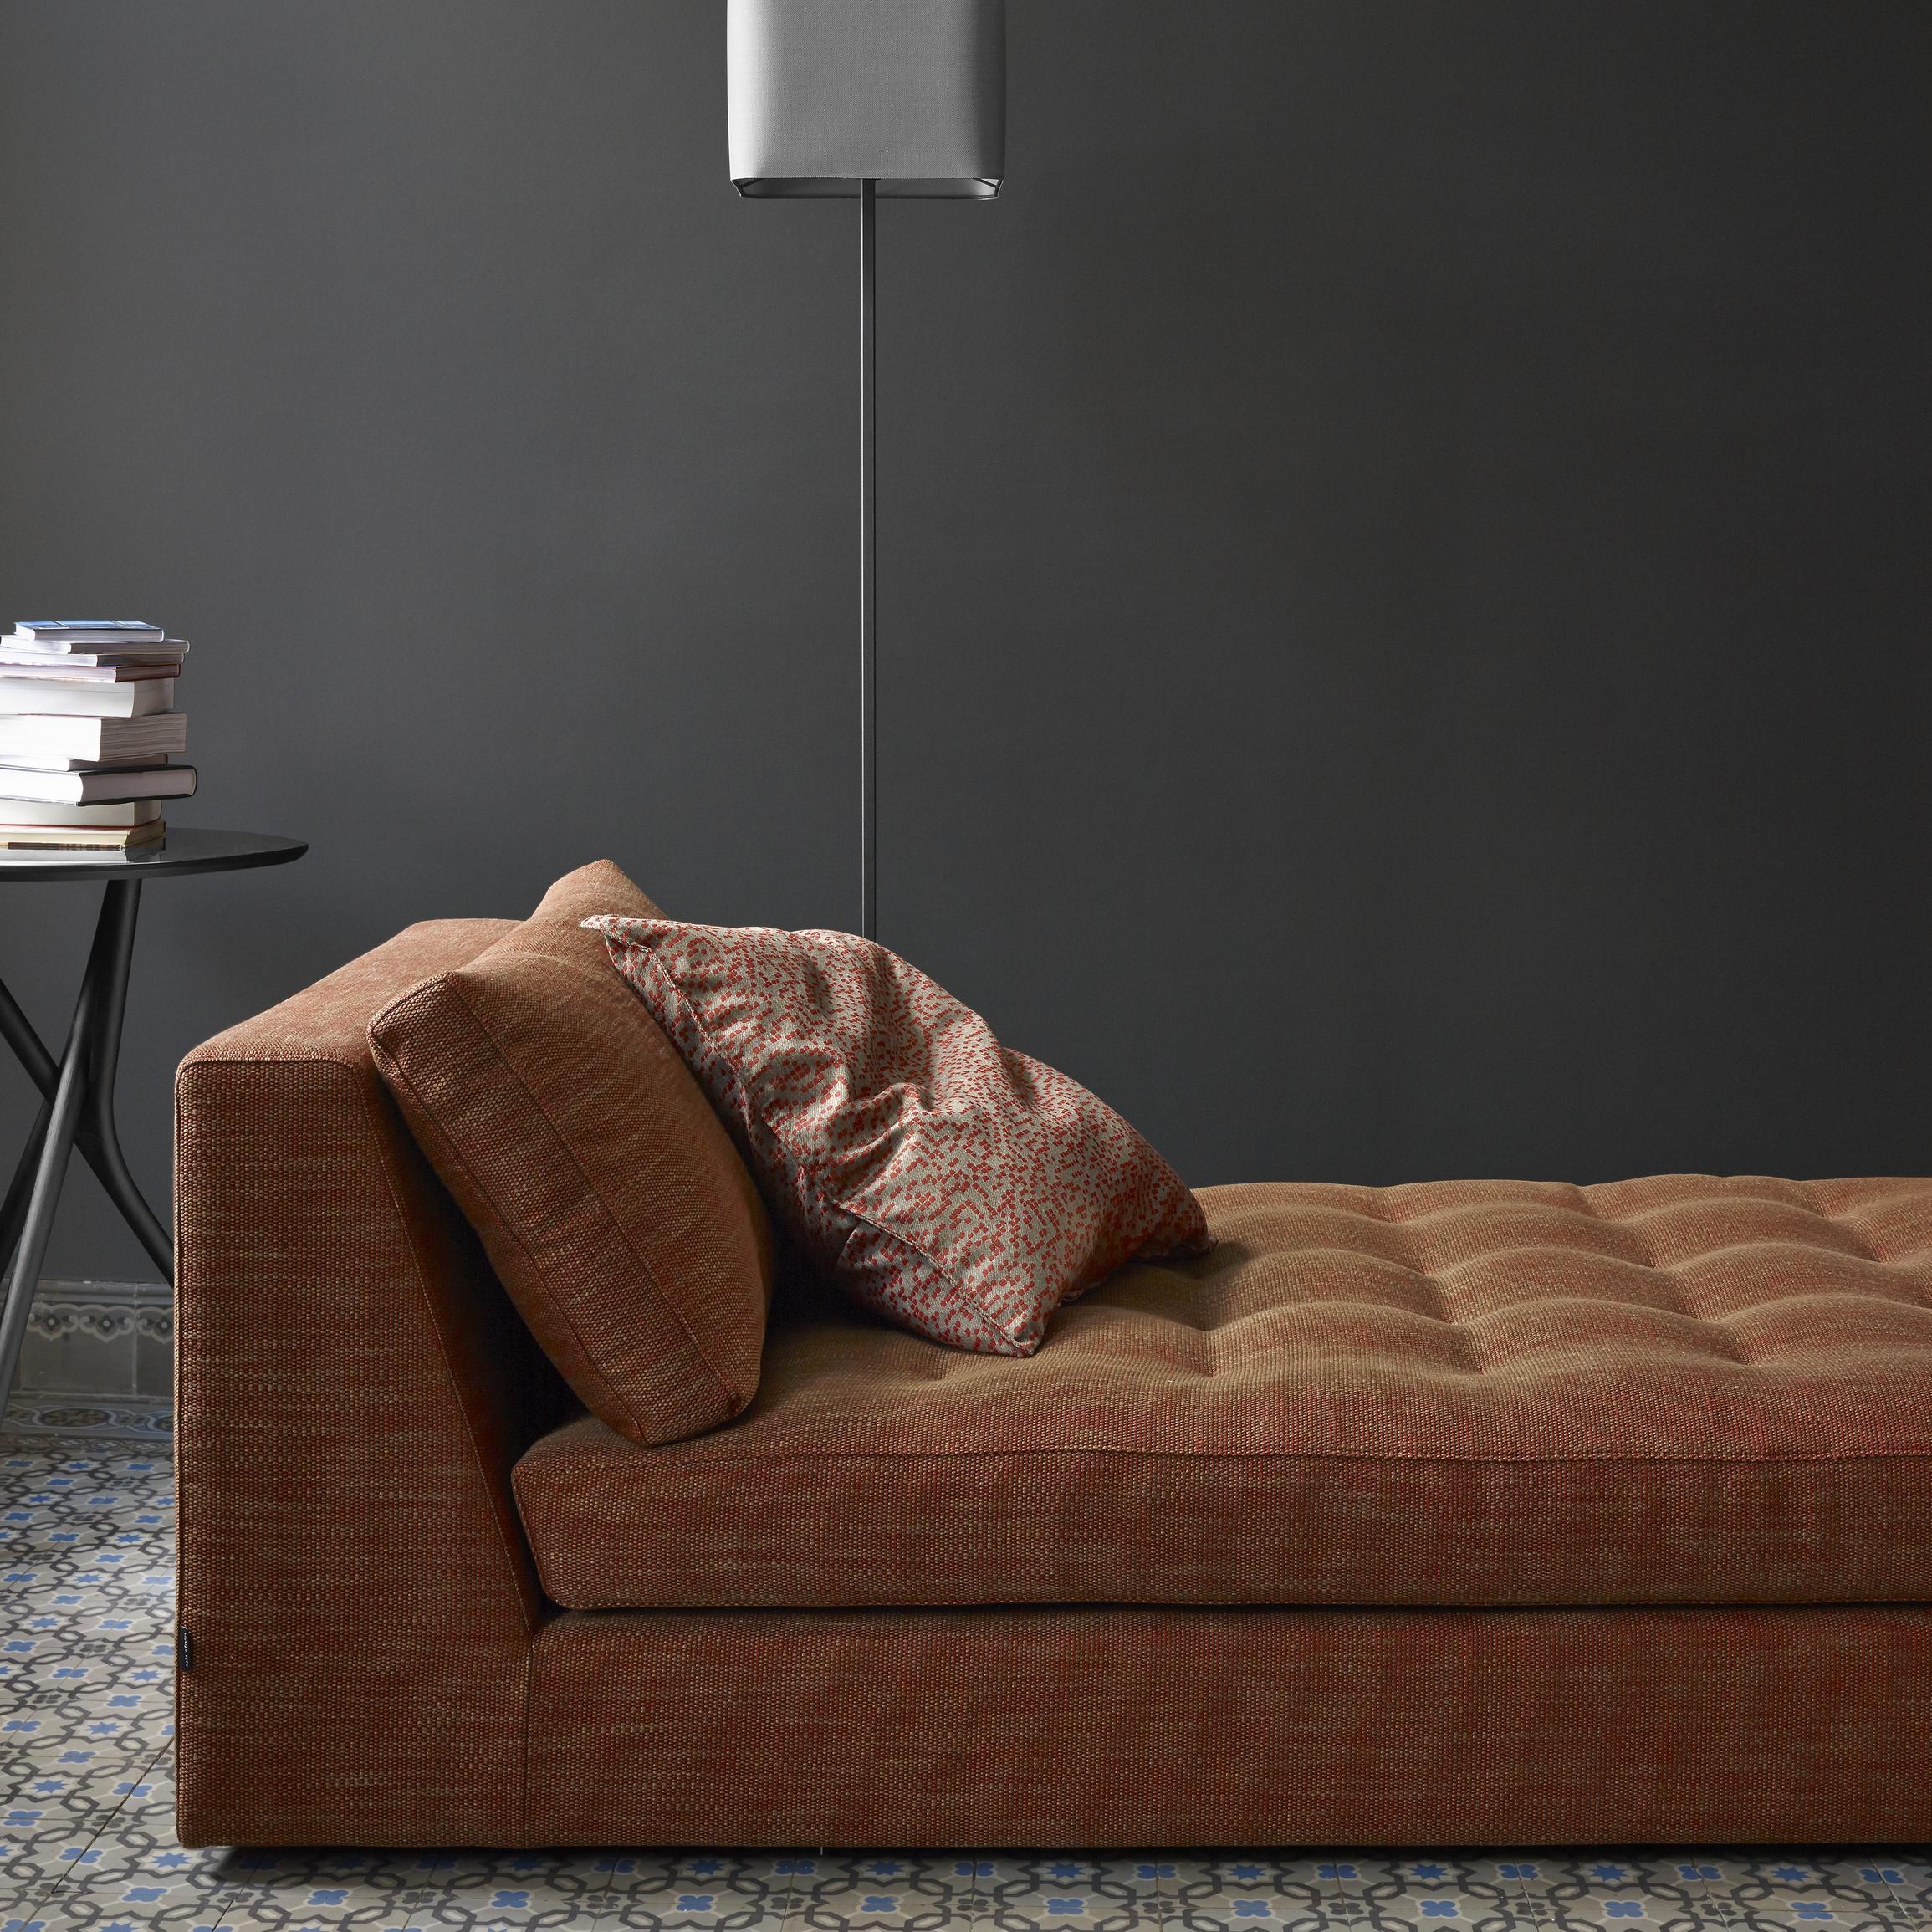 exclusif, sofas designer : didier gomez | ligne roset, Wohnzimmer dekoo